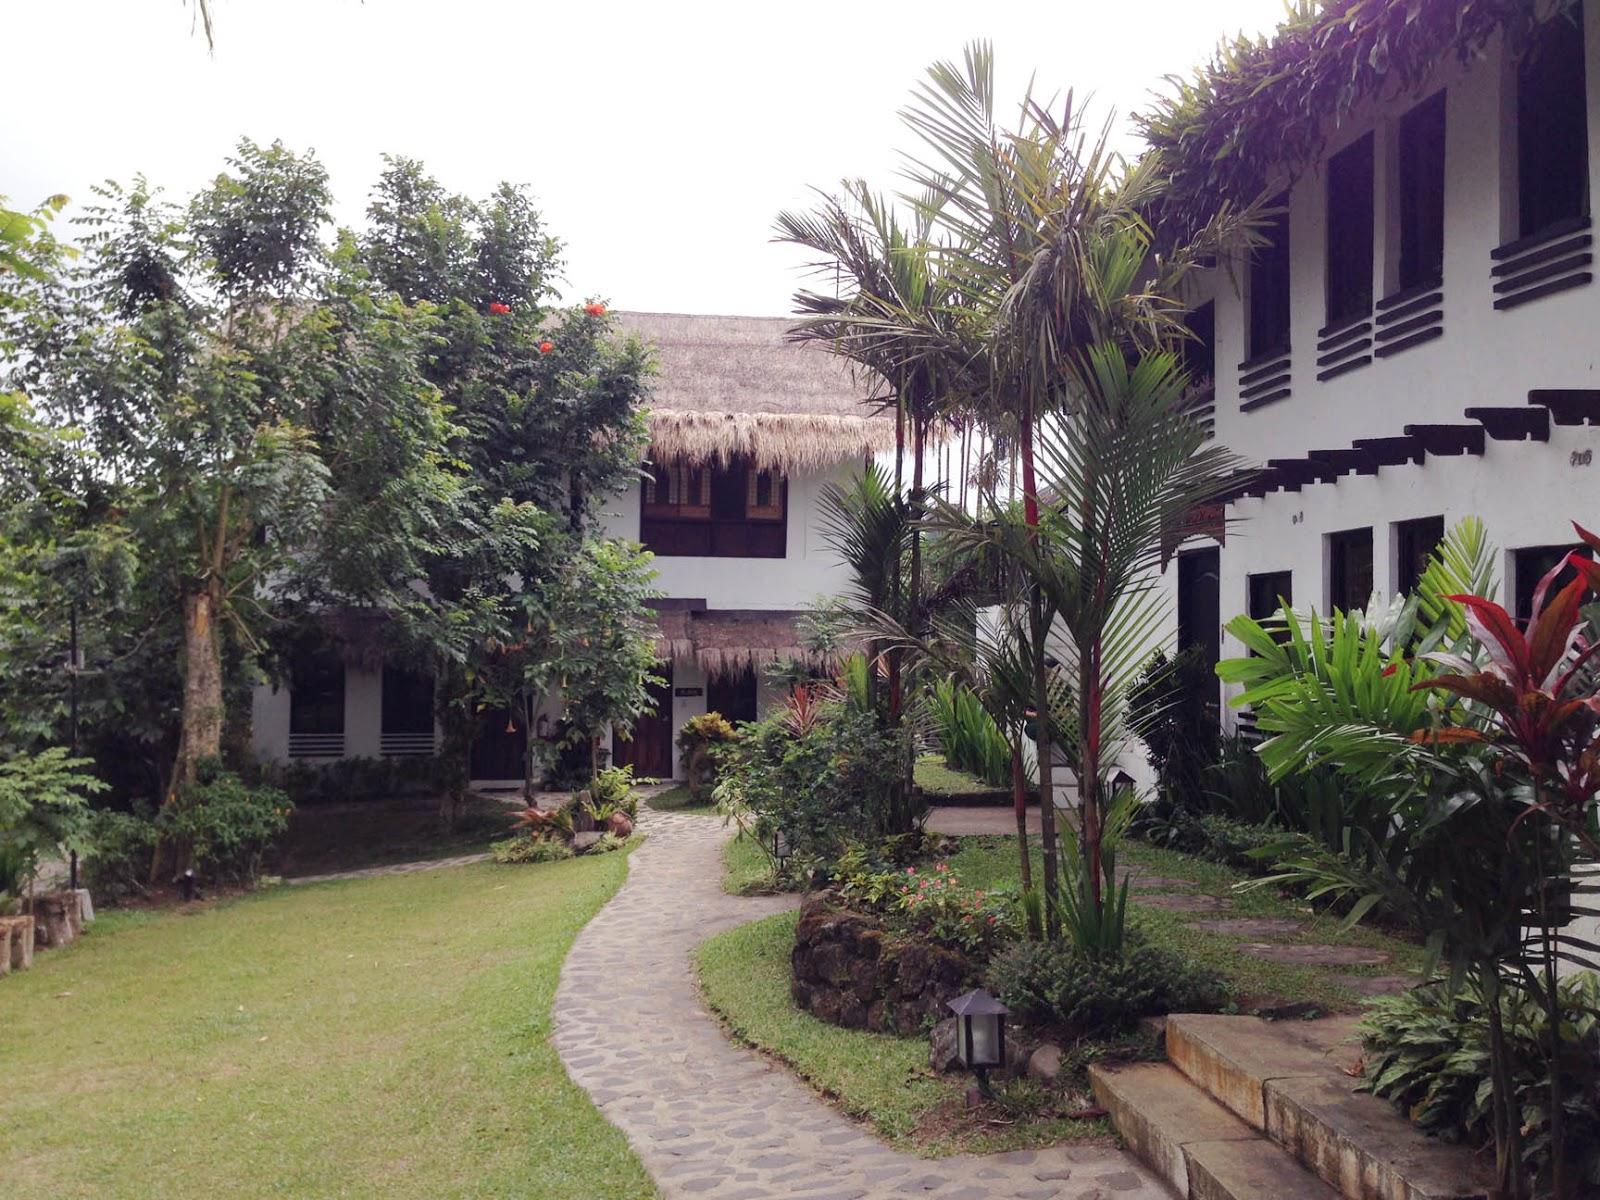 Mrsmommyholic Nurture Wellness Village Tagaytay